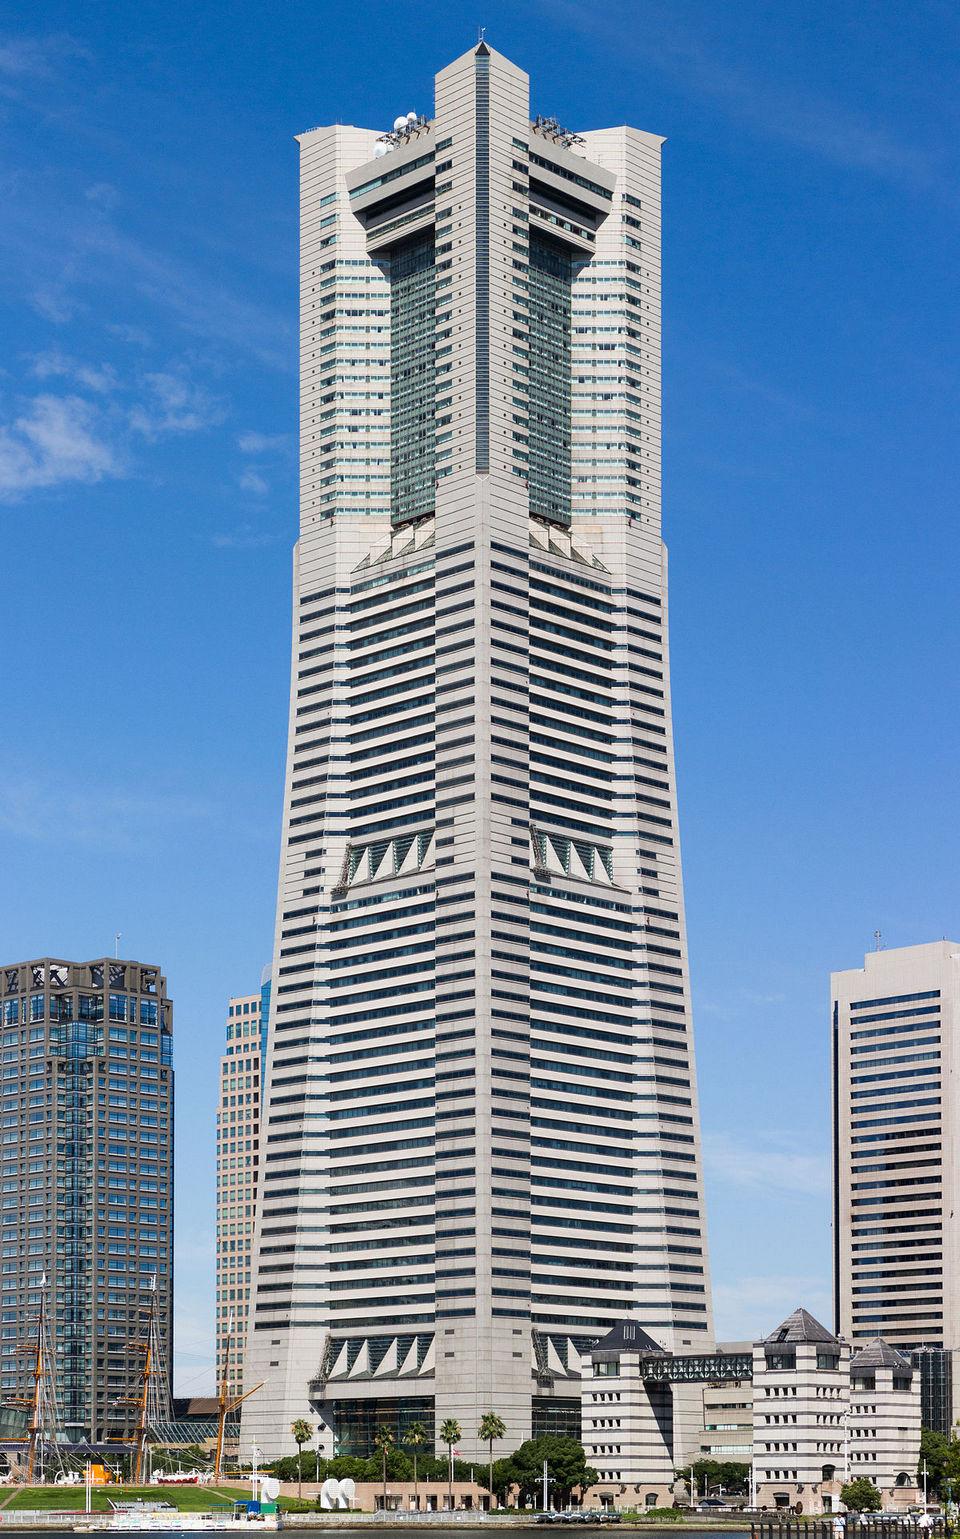 1200px-Yokohama_Landmark_Tower_201507